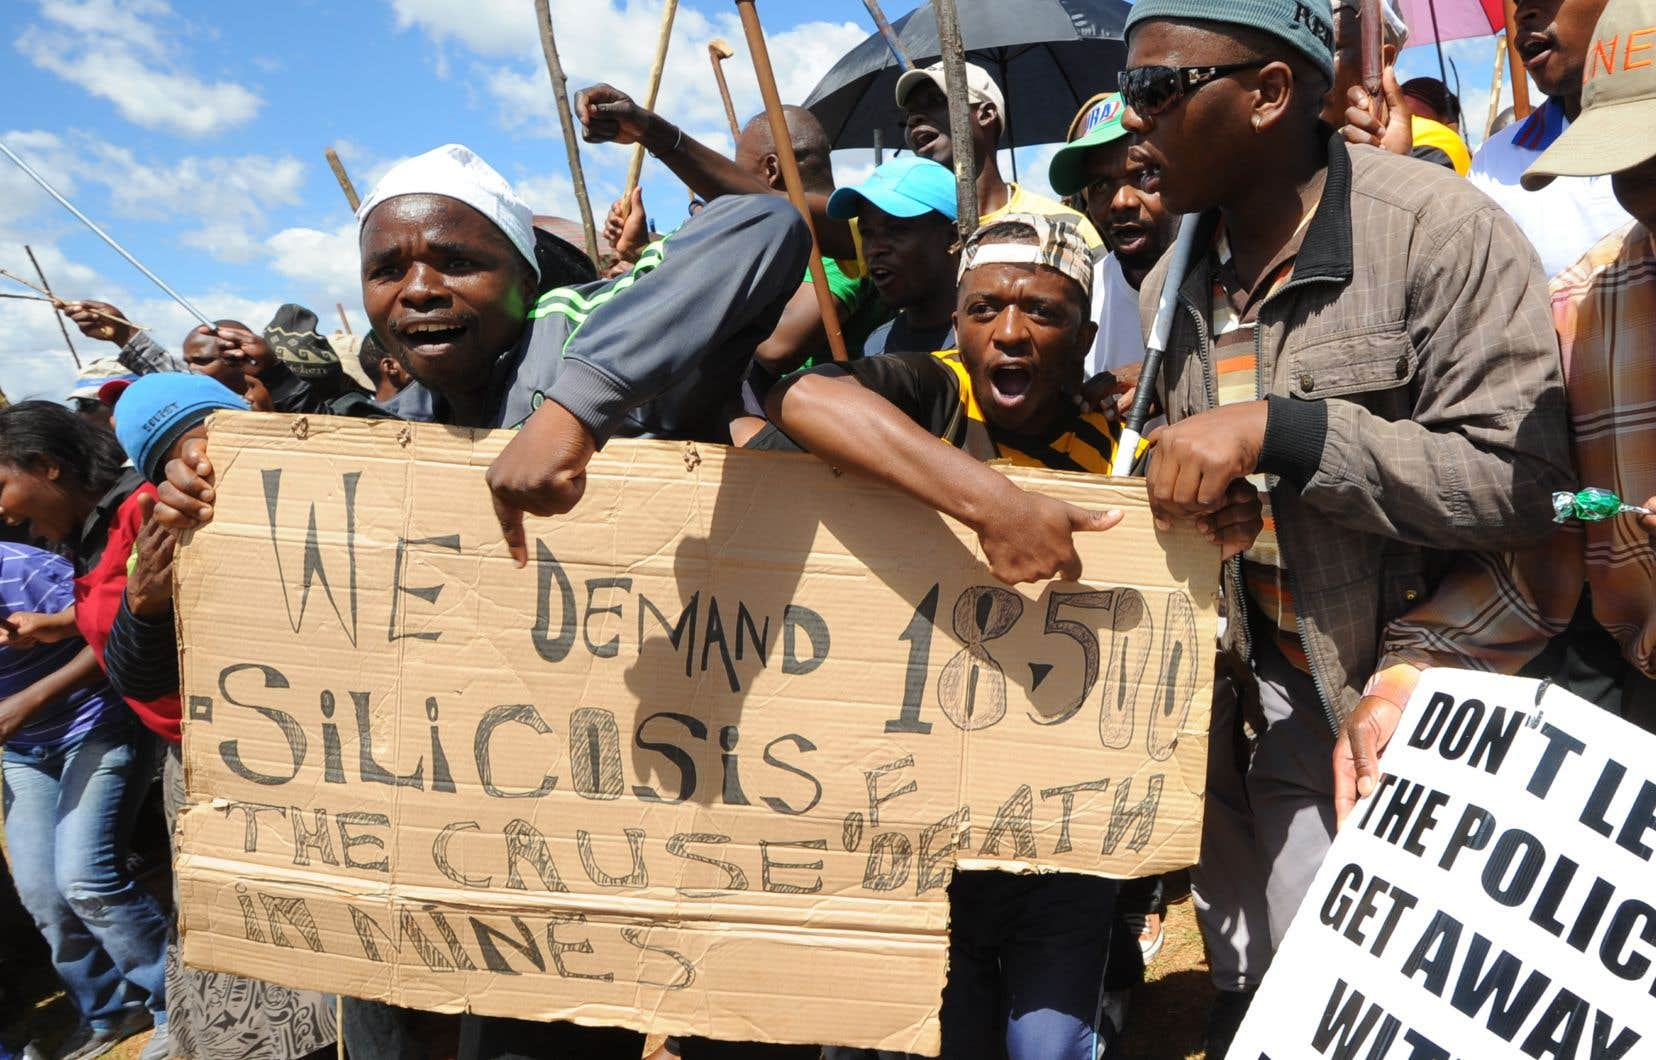 Manifestation de mineurs devant les locaux d'AngloGold Ashanti à Carletonville, en 2012